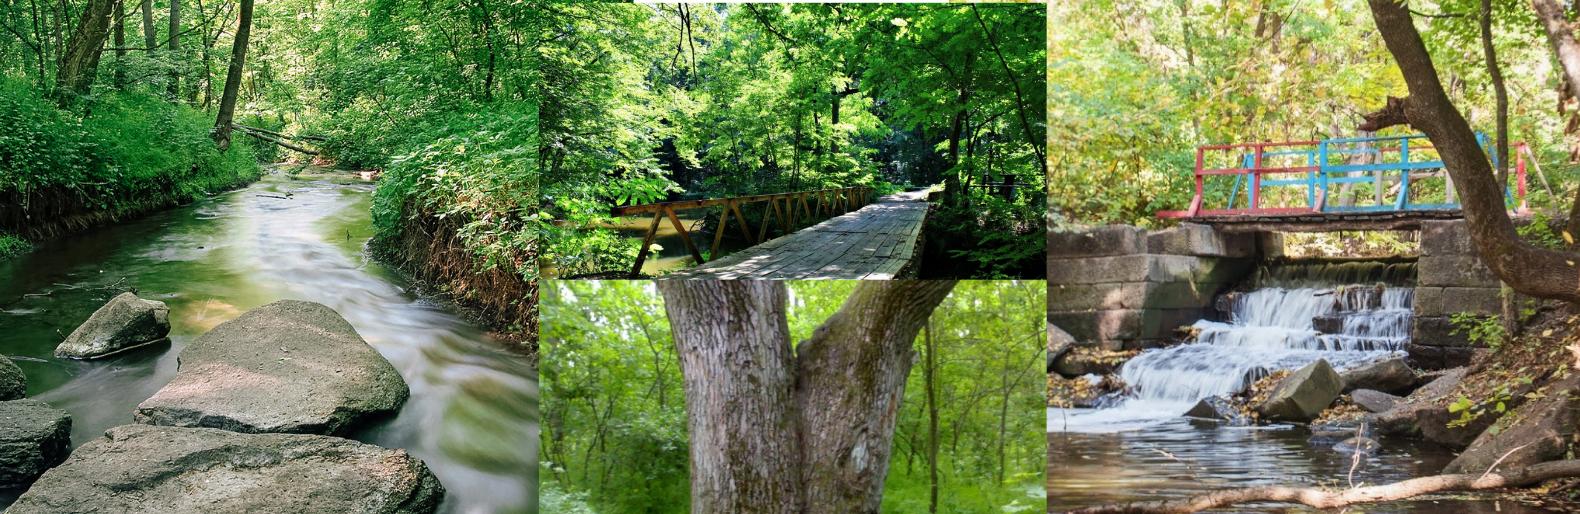 Дуб любви, столетние деревья, рукотворные реки и водопад: история леса на Николаевщине,- ФОТО